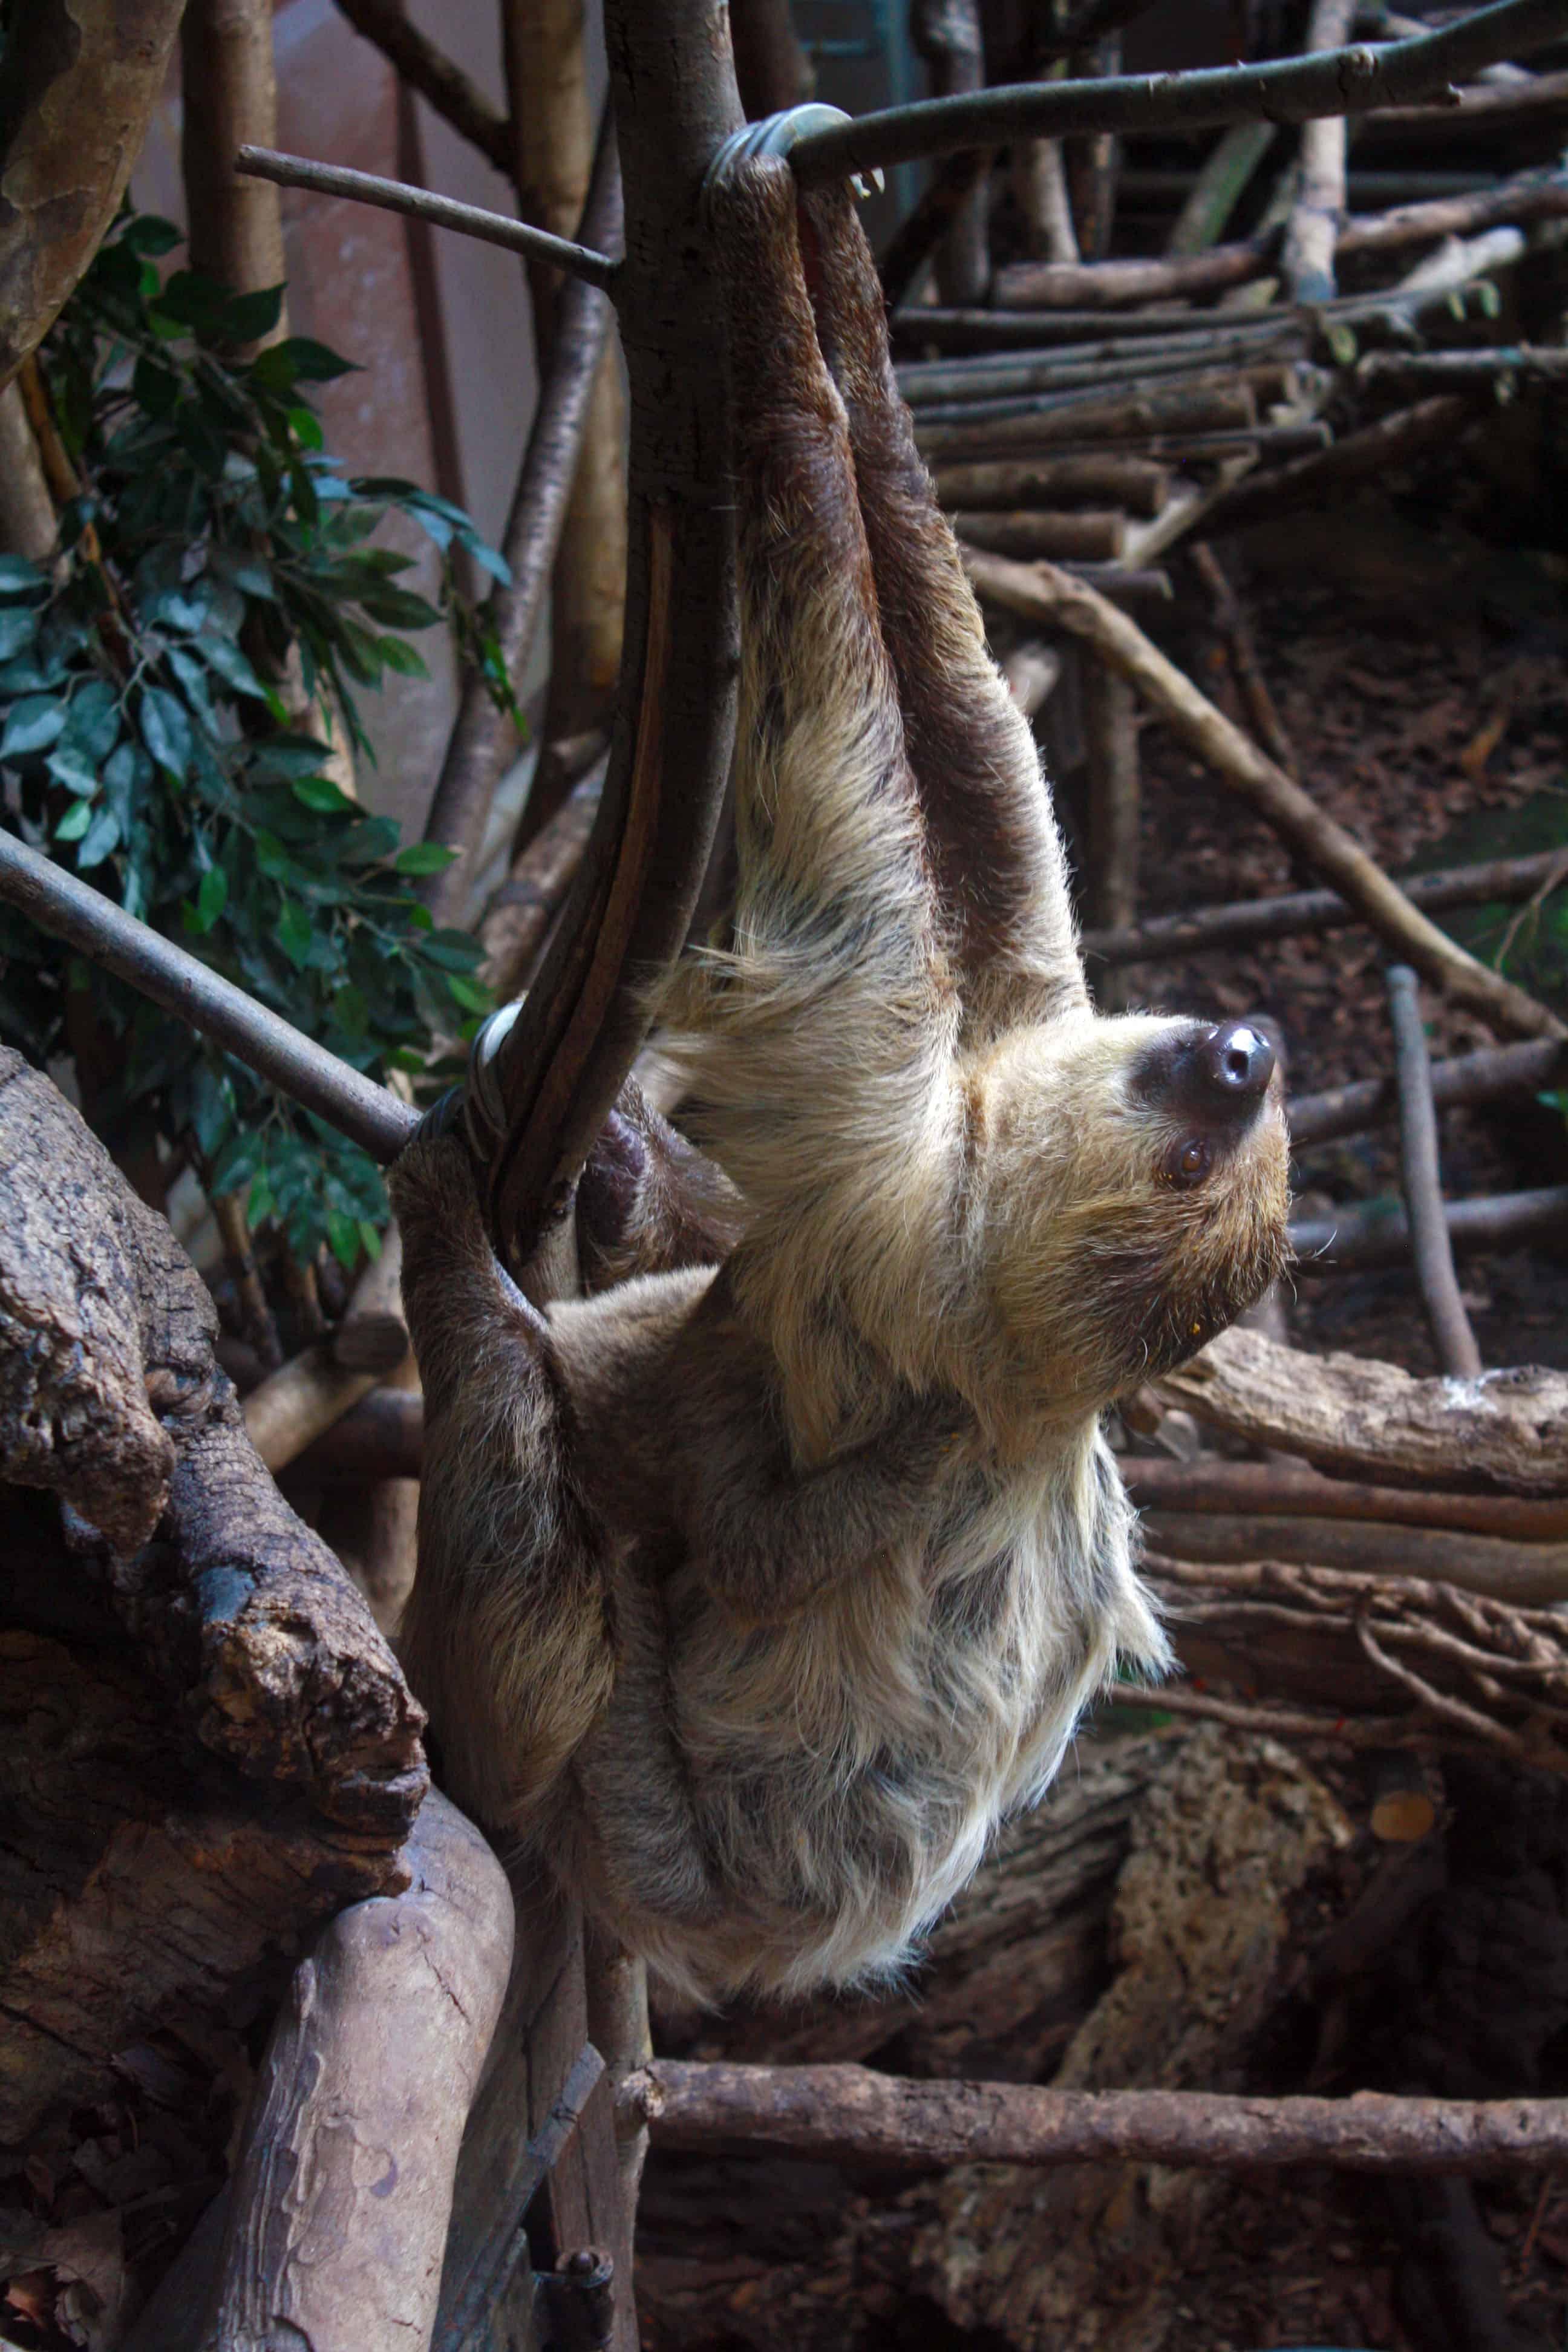 Mama sloth with a baby sloth at London Zoo